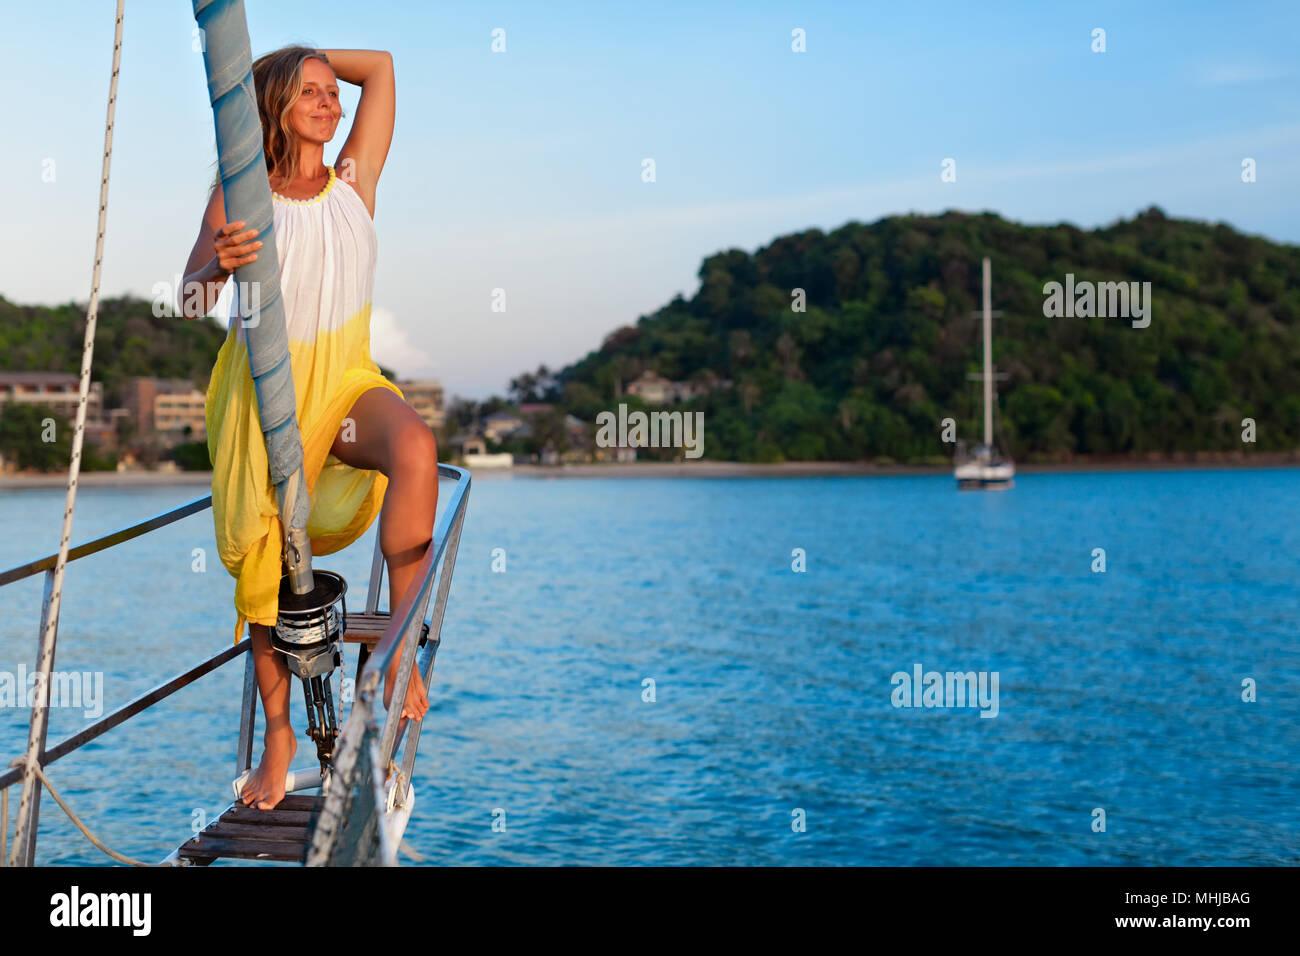 Barco de vela en el resto de la tripulación. Feliz joven sobre la cubierta del yate de charter, divertirse descubriendo islas, los viajes en el mar tropical en verano de crucero. Imagen De Stock